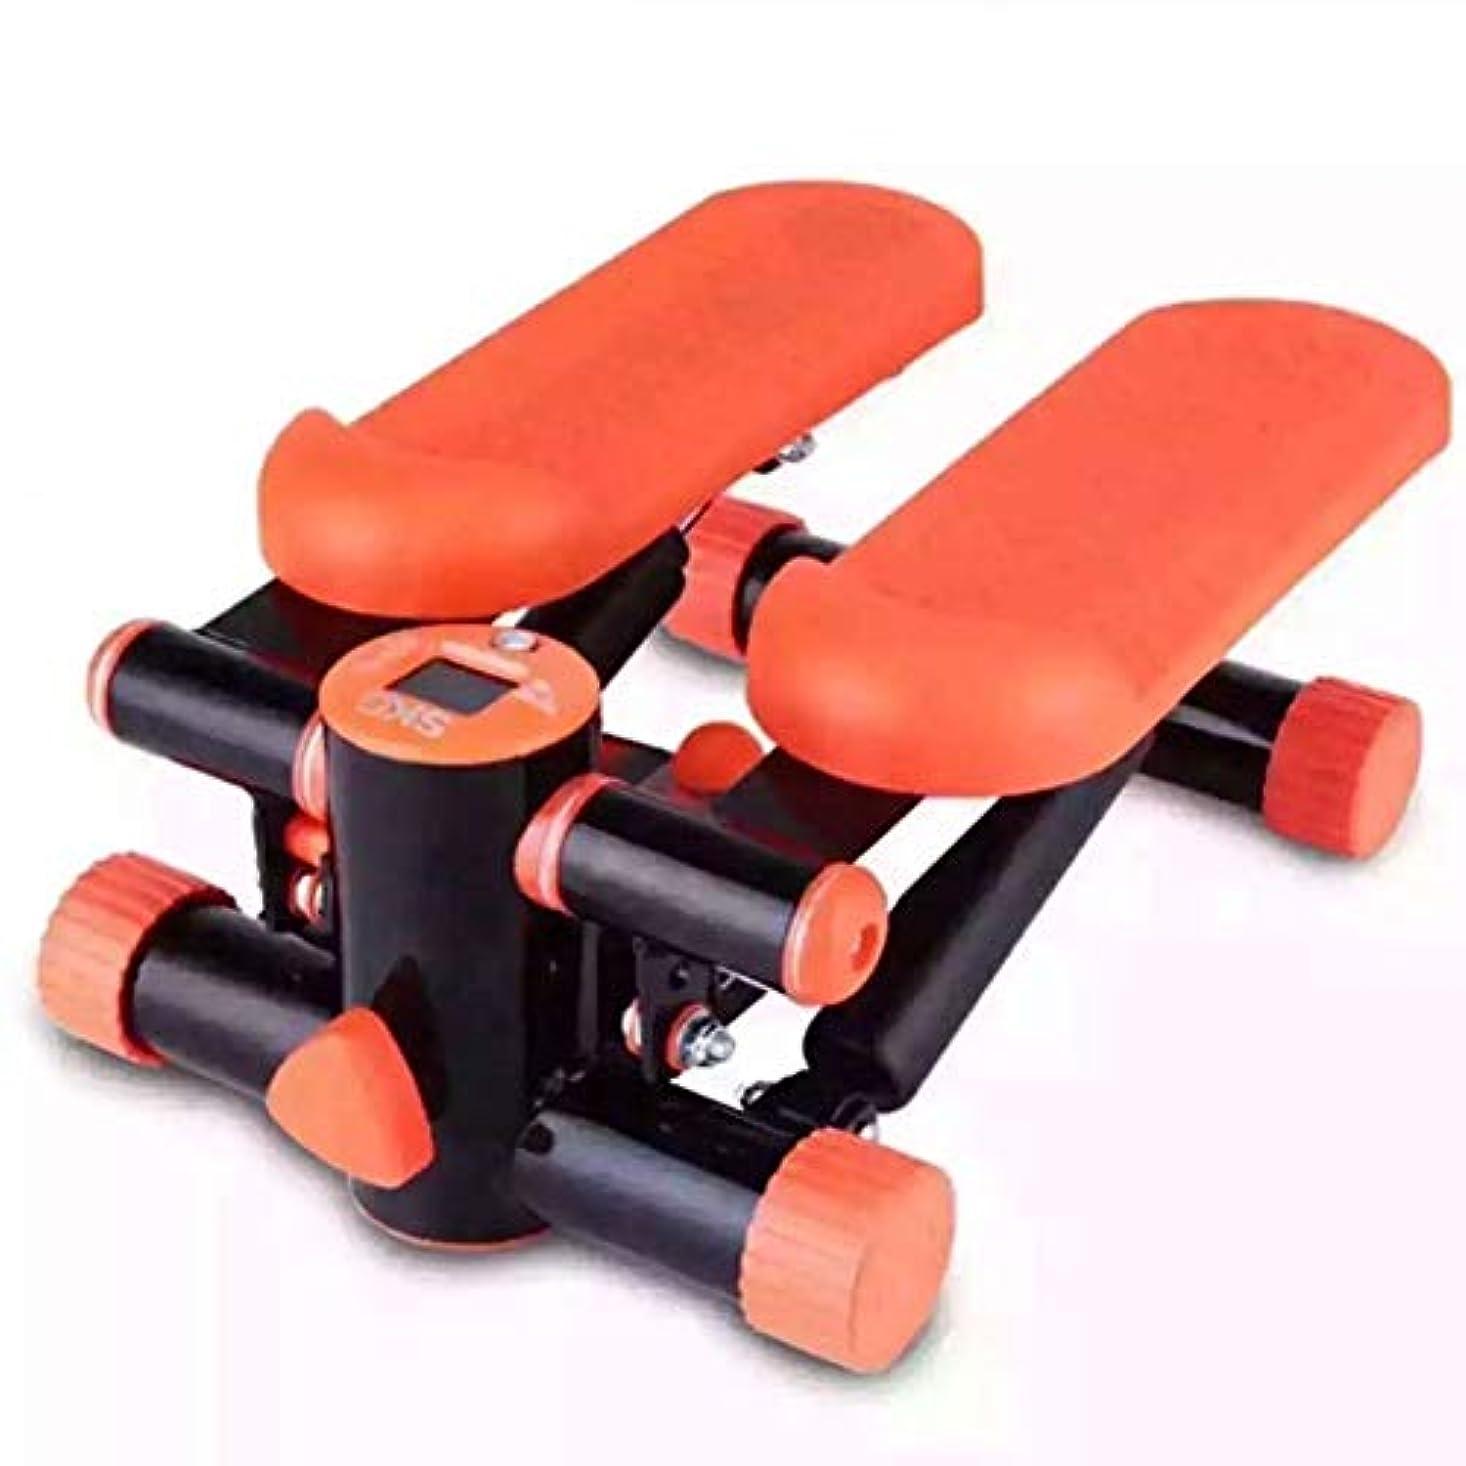 広げる直感有益な1デュアルエクササイズステッパーステッパー有酸素運動ステッパー2 - ペダルマシン